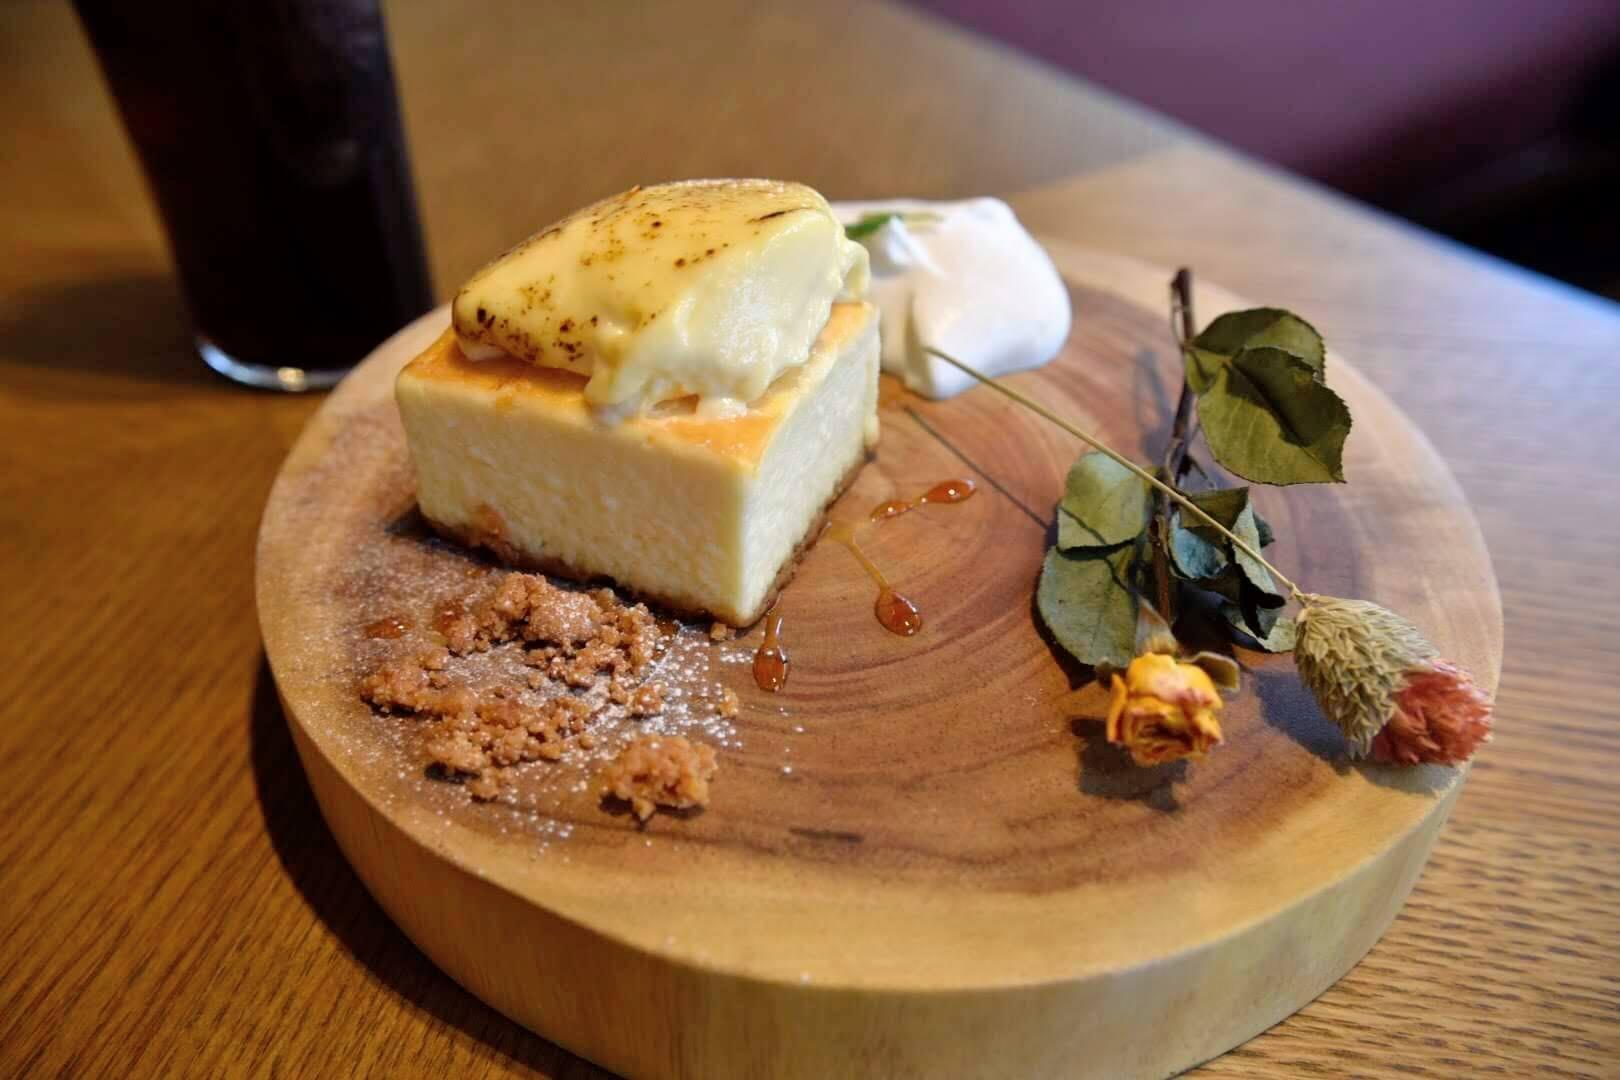 ブリュレをのせたベイクドチーズケーキ(680円)